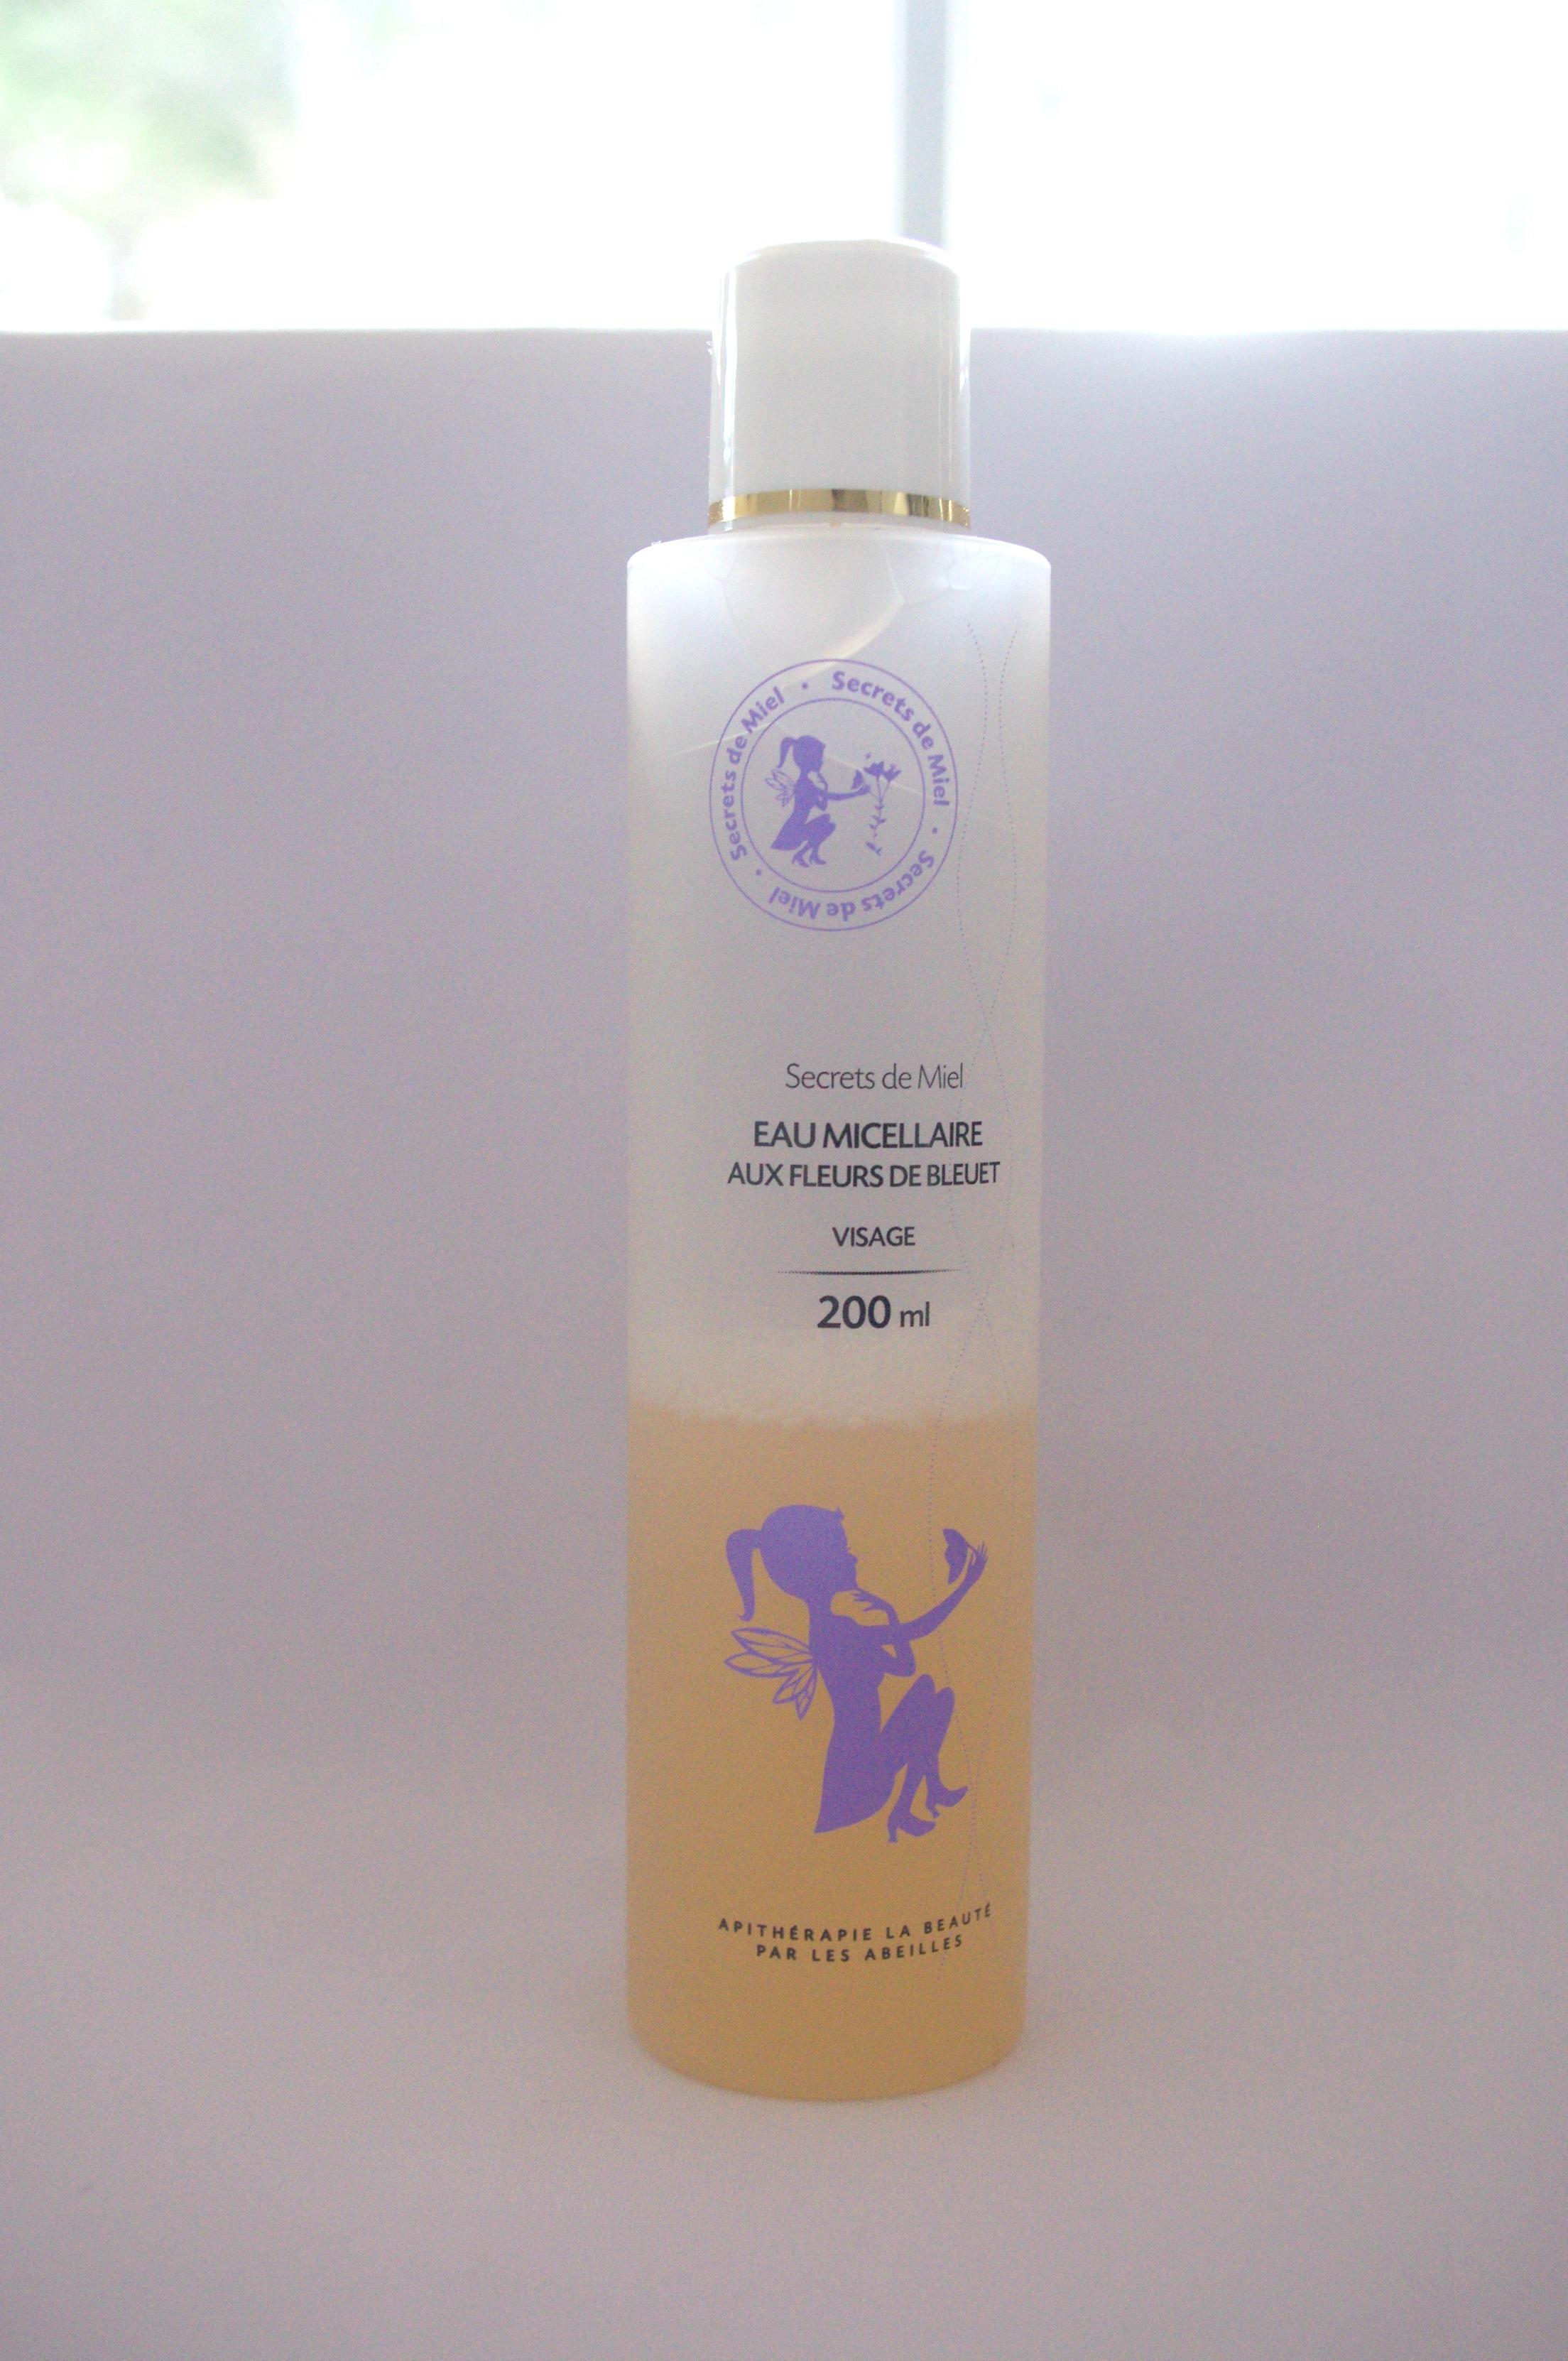 eau micellaire secrets de miel 1